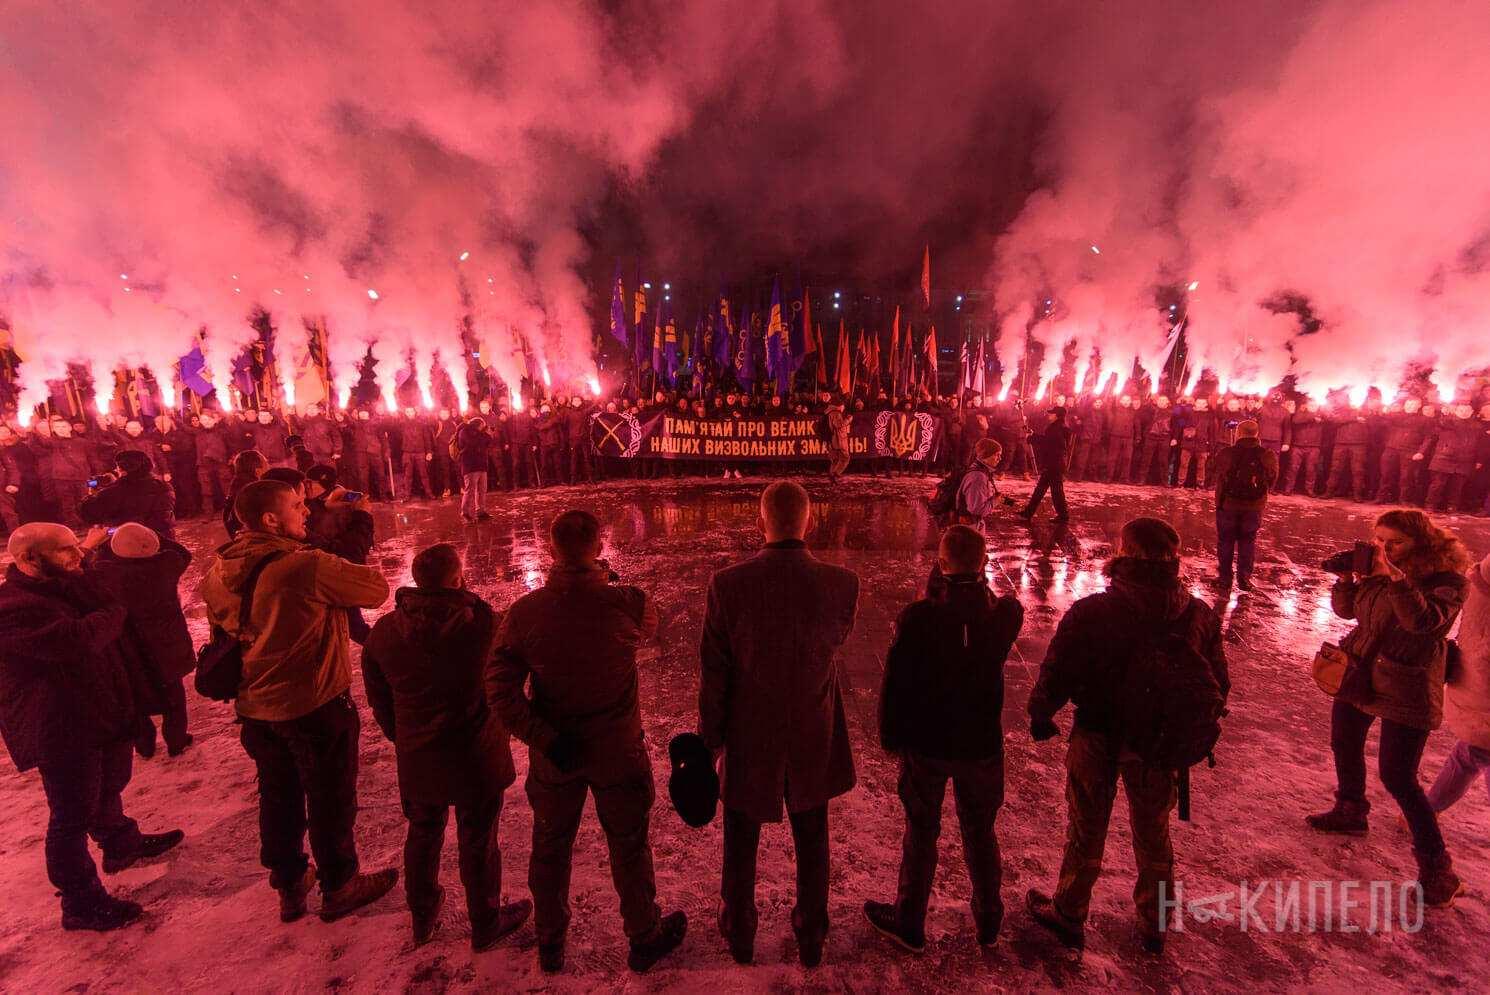 факельный марш смолоскипний правый сектор файер азов национальные дружины митинг